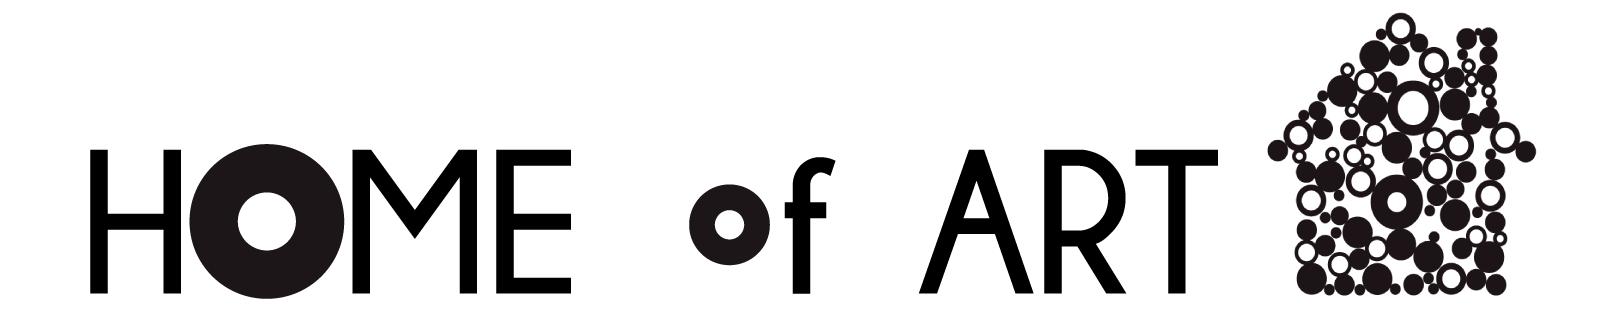 home of art-LOGO